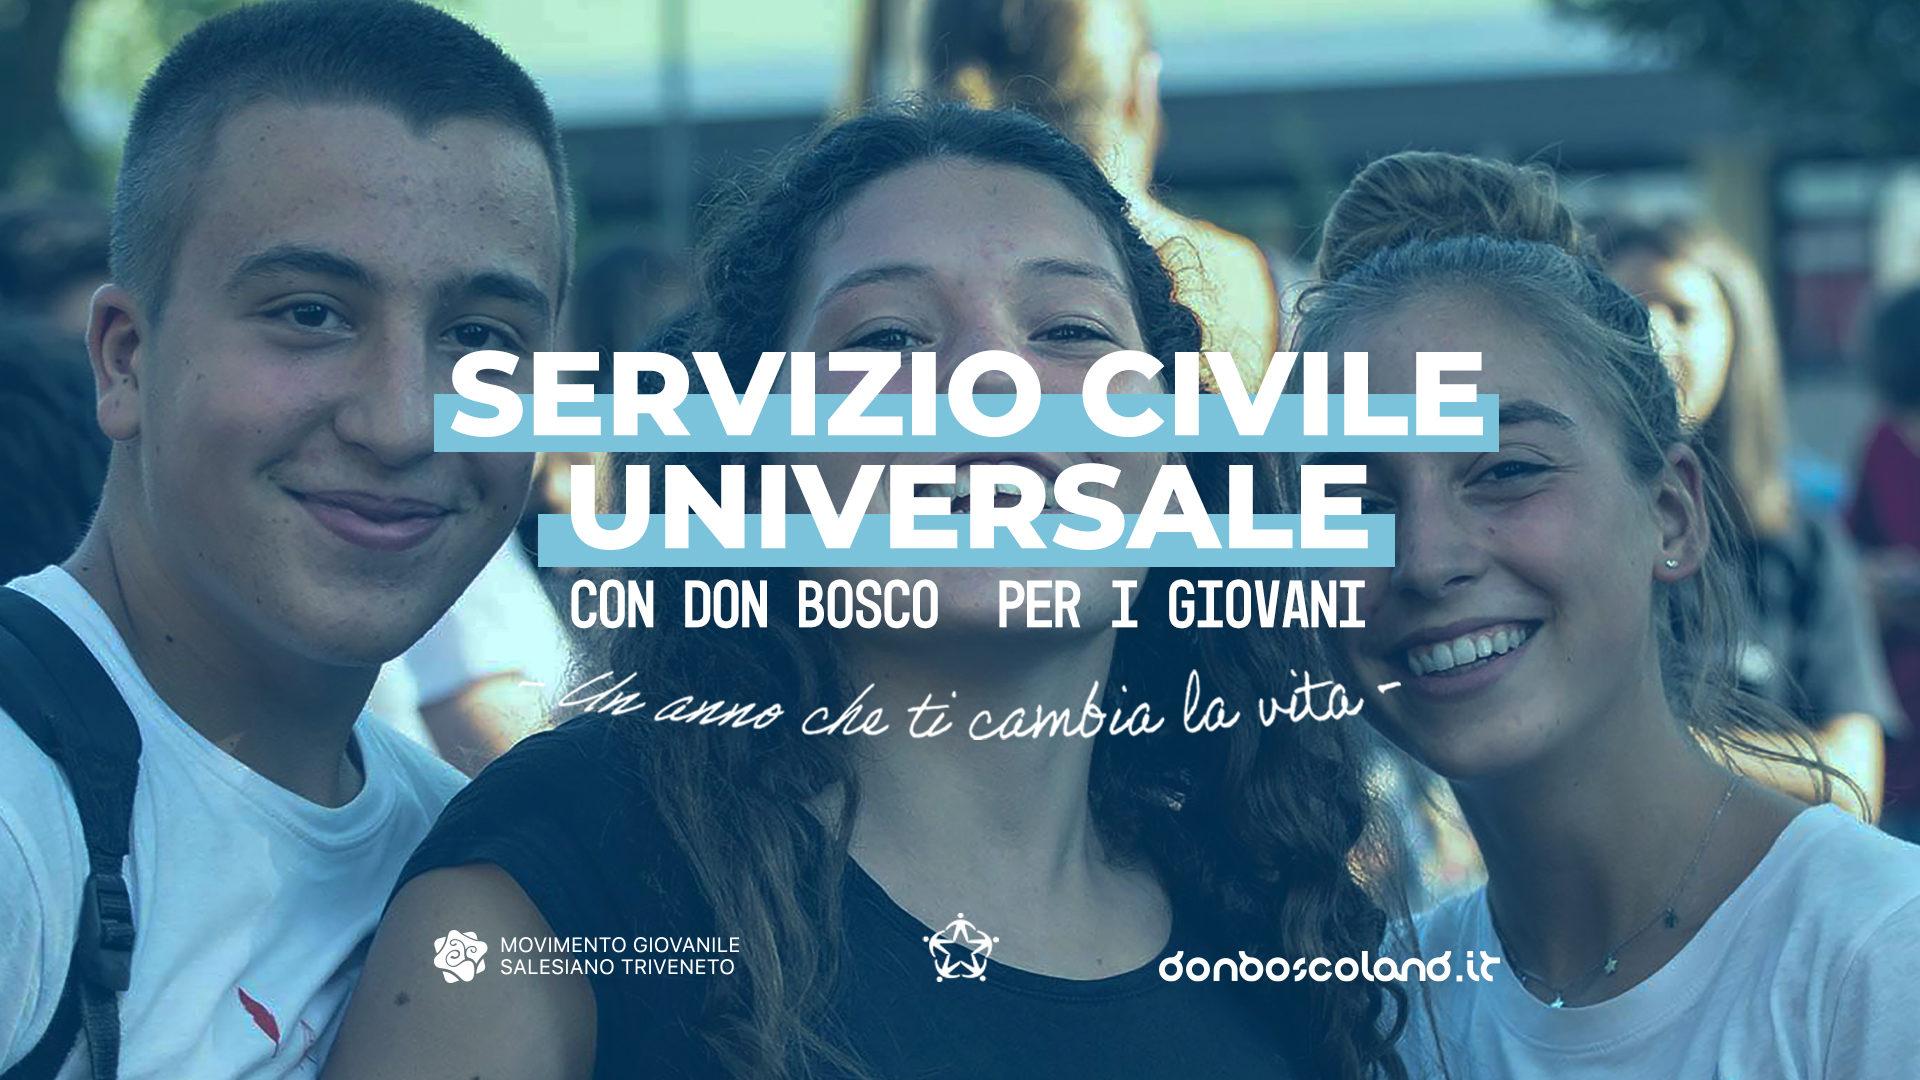 Servizio Civile Universale, opportunità per 132 giovani su 37 diverse realtà